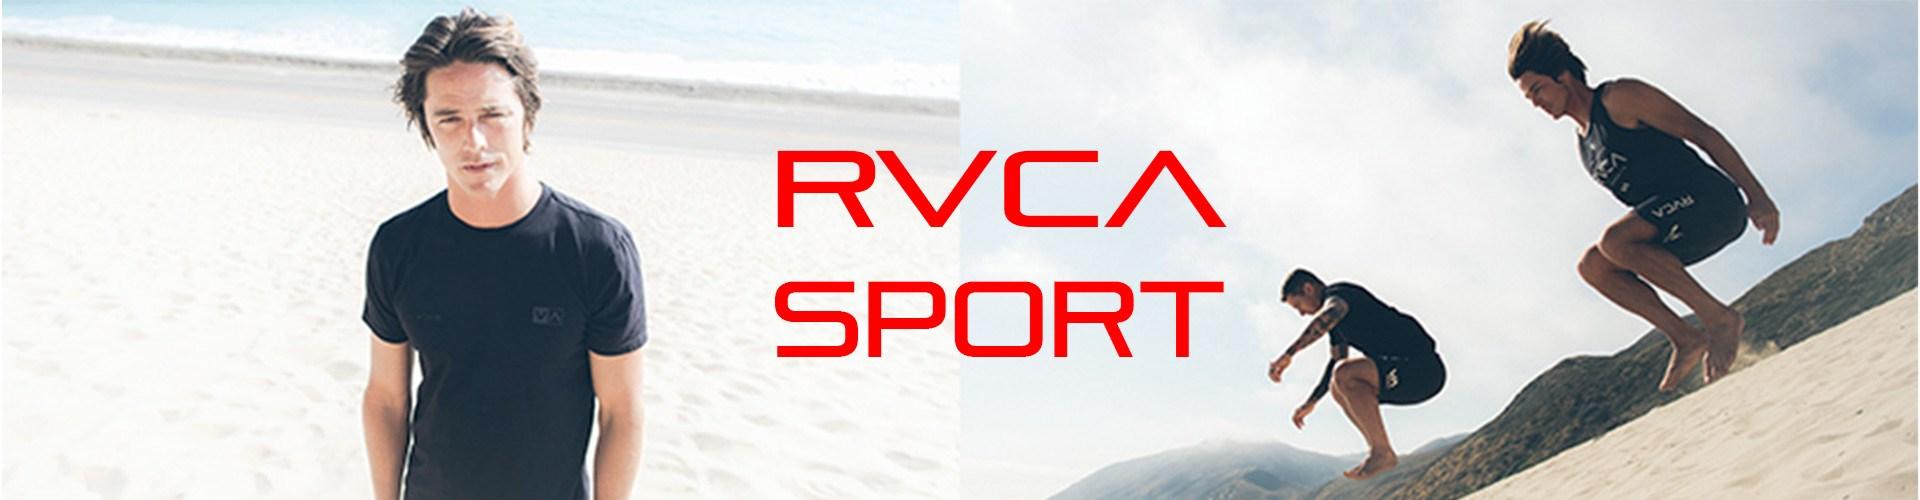 coleção rvca sport